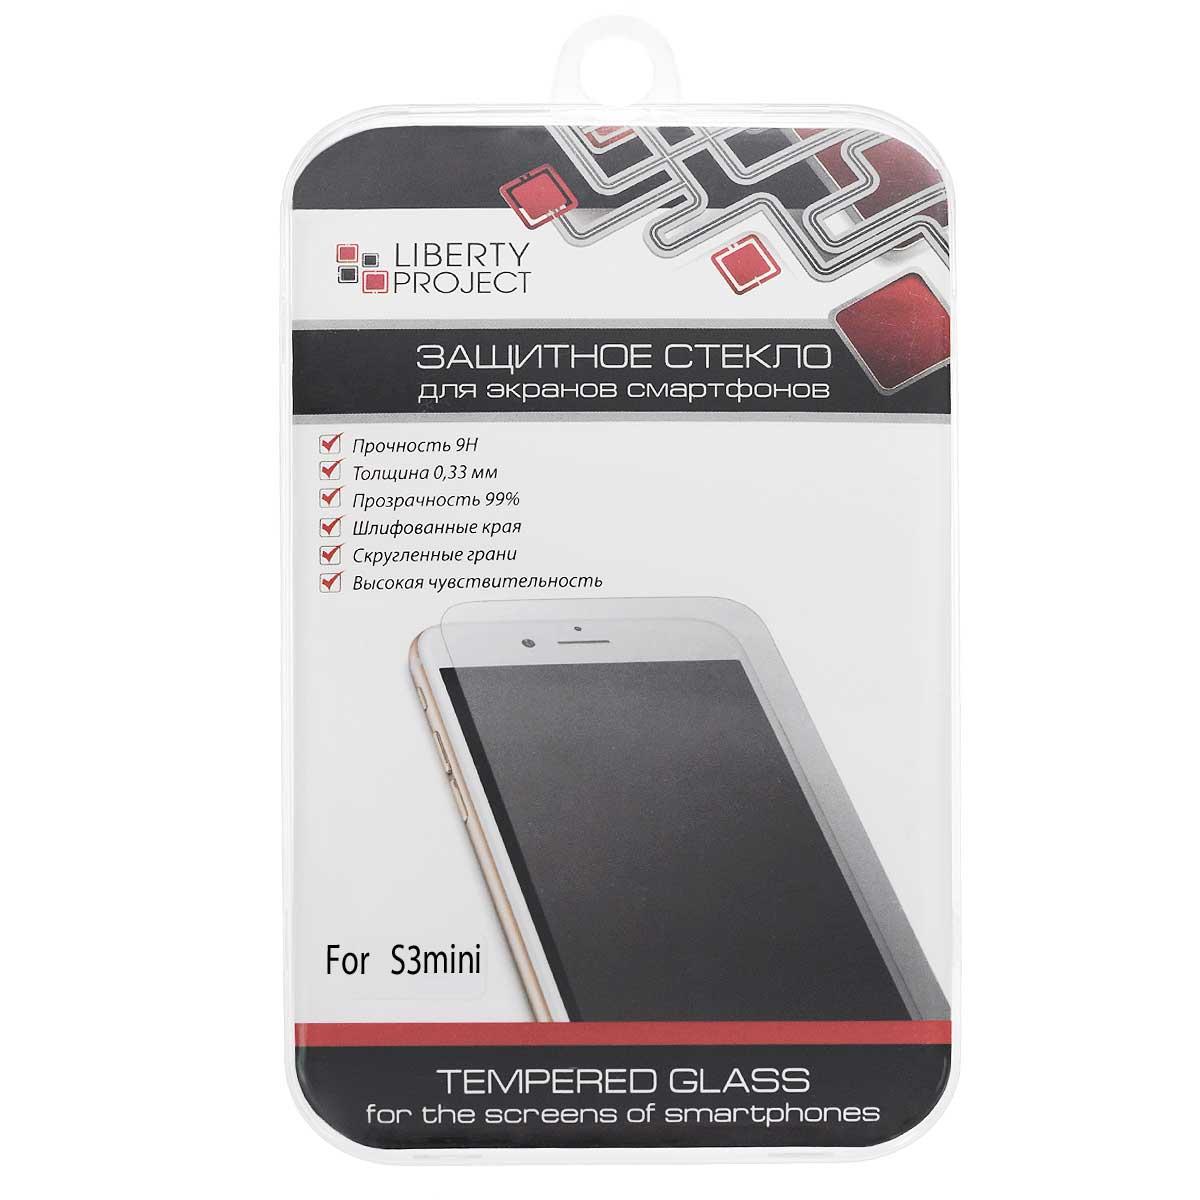 Liberty Project Tempered Glass защитное стекло для Samsung Galaxy S3 mini, Clear (0,33 мм)0L-00000519Защитное стекло Liberty Project Tempered Glass предназначено для защиты поверхности экрана, от царапин, потертостей, отпечатков пальцев и прочих следов механического воздействия. Гарантирует высокую чувствительность при работе с устройством. Данная модель также обладает антибликовым и водоотталкивающим эффектом.